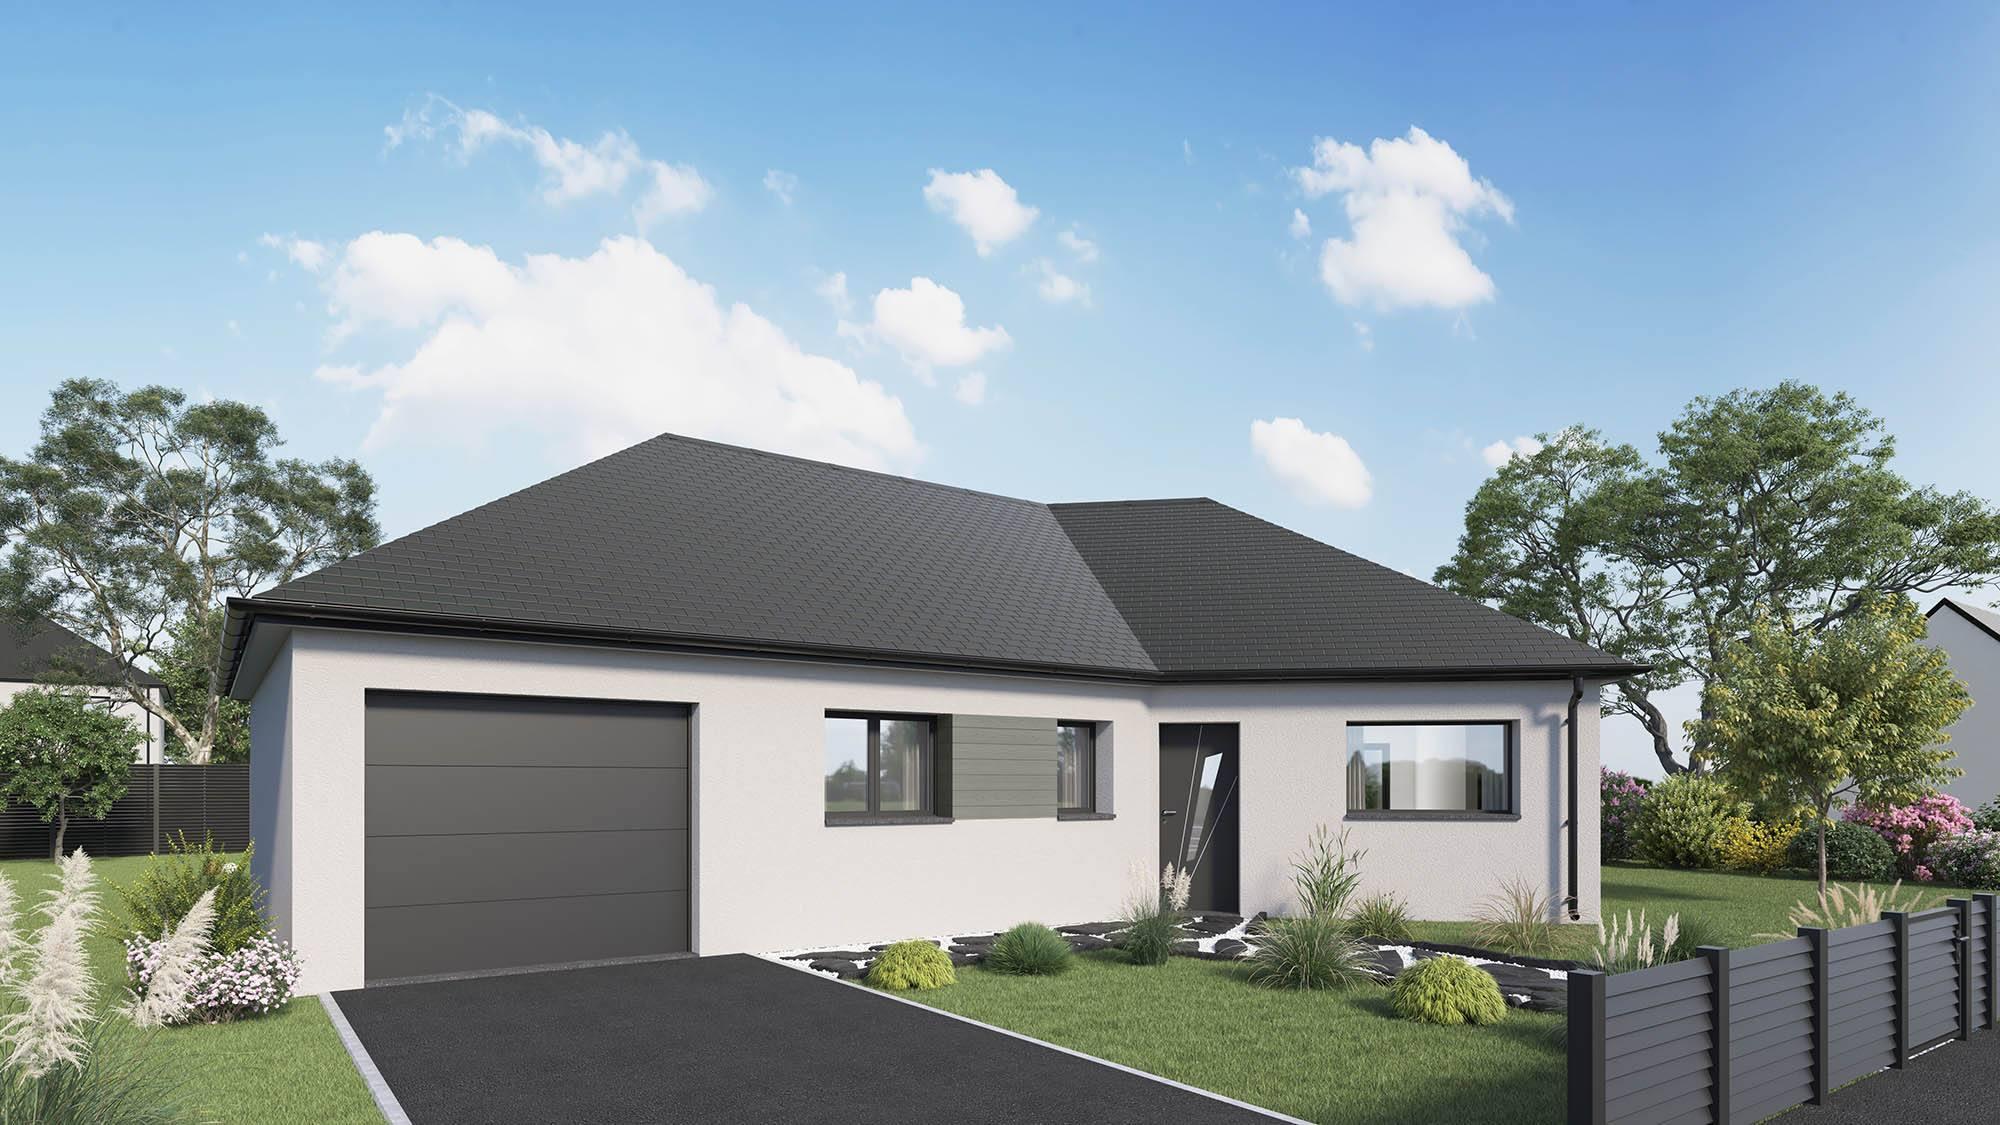 Maisons + Terrains du constructeur MAISON CASTOR • 96 m² • DARDEZ